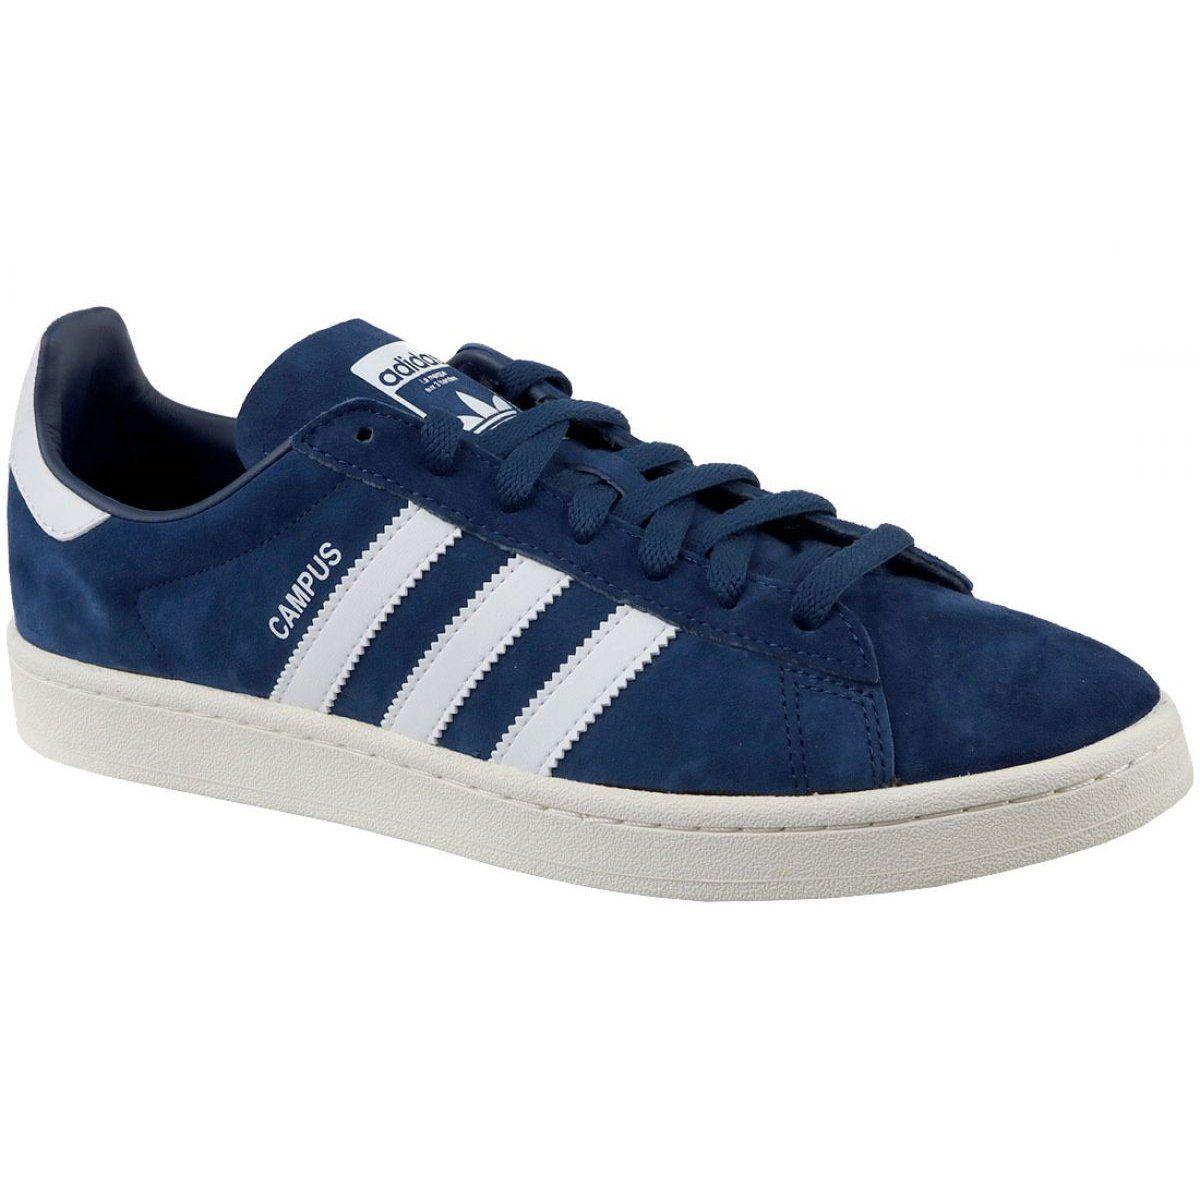 trabajo duro Alargar regalo  Adidas Originals Campus M BZ0086 shoes navy blue   Adidas, Adidas campus,  Shoes